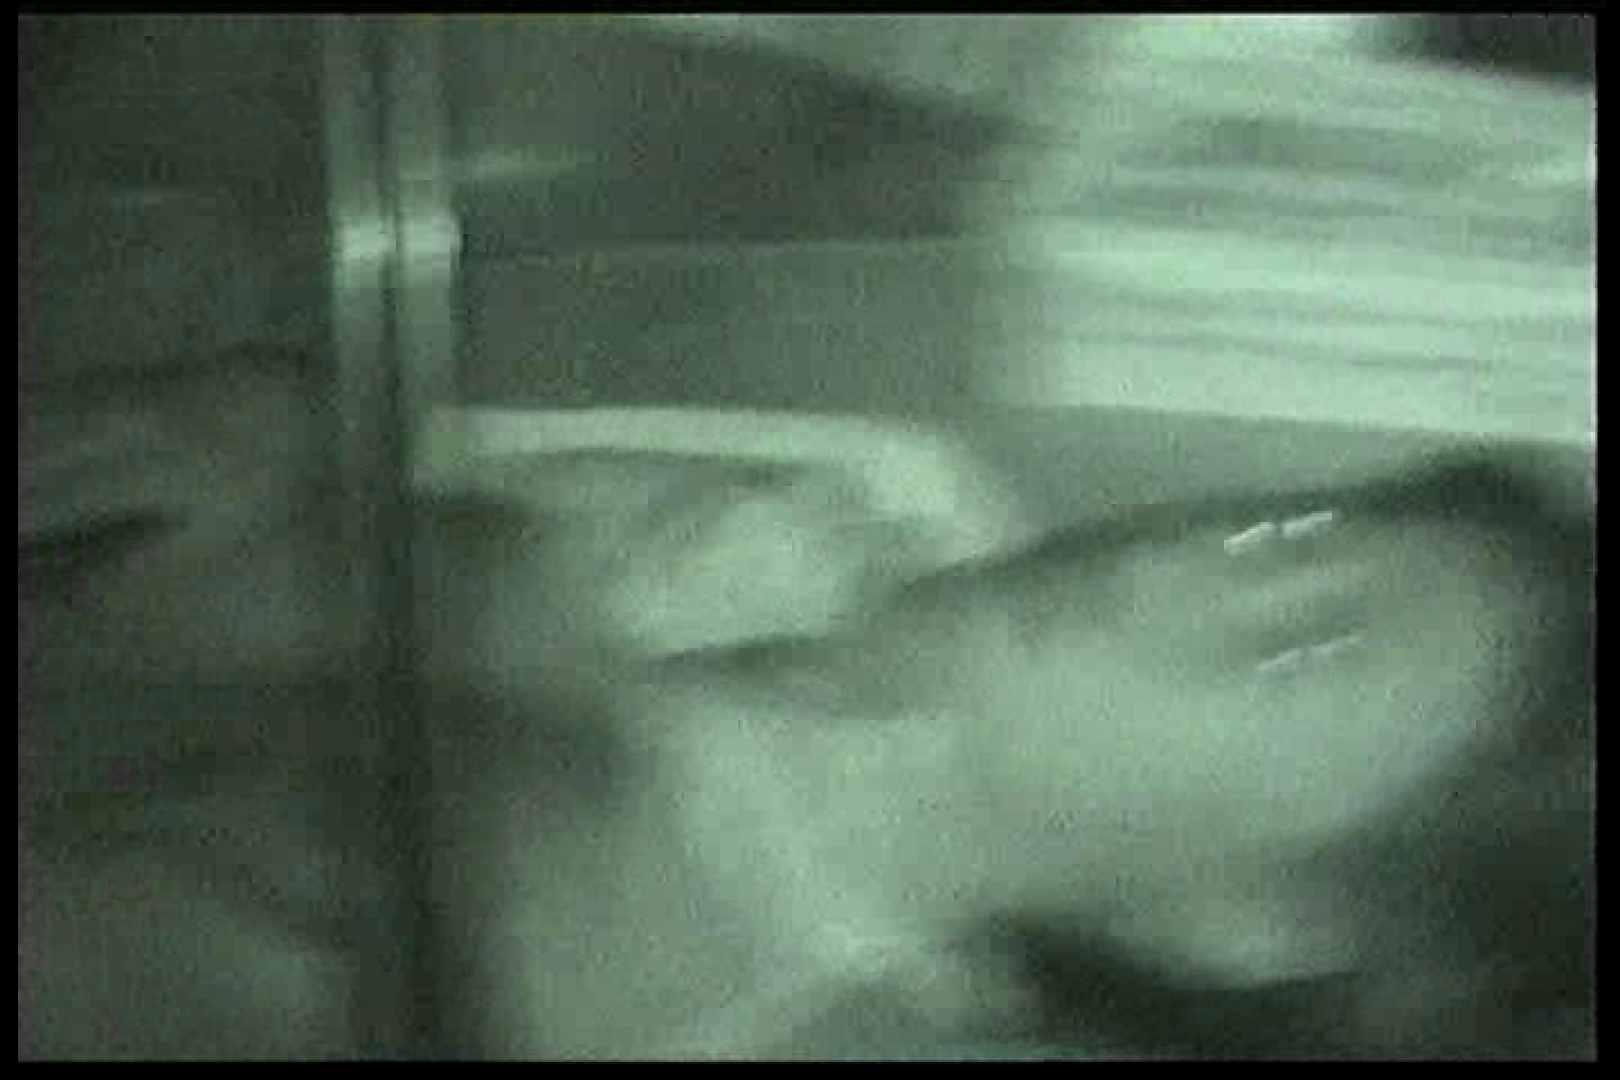 車の中はラブホテル 無修正版  Vol.13 車 すけべAV動画紹介 80連発 16